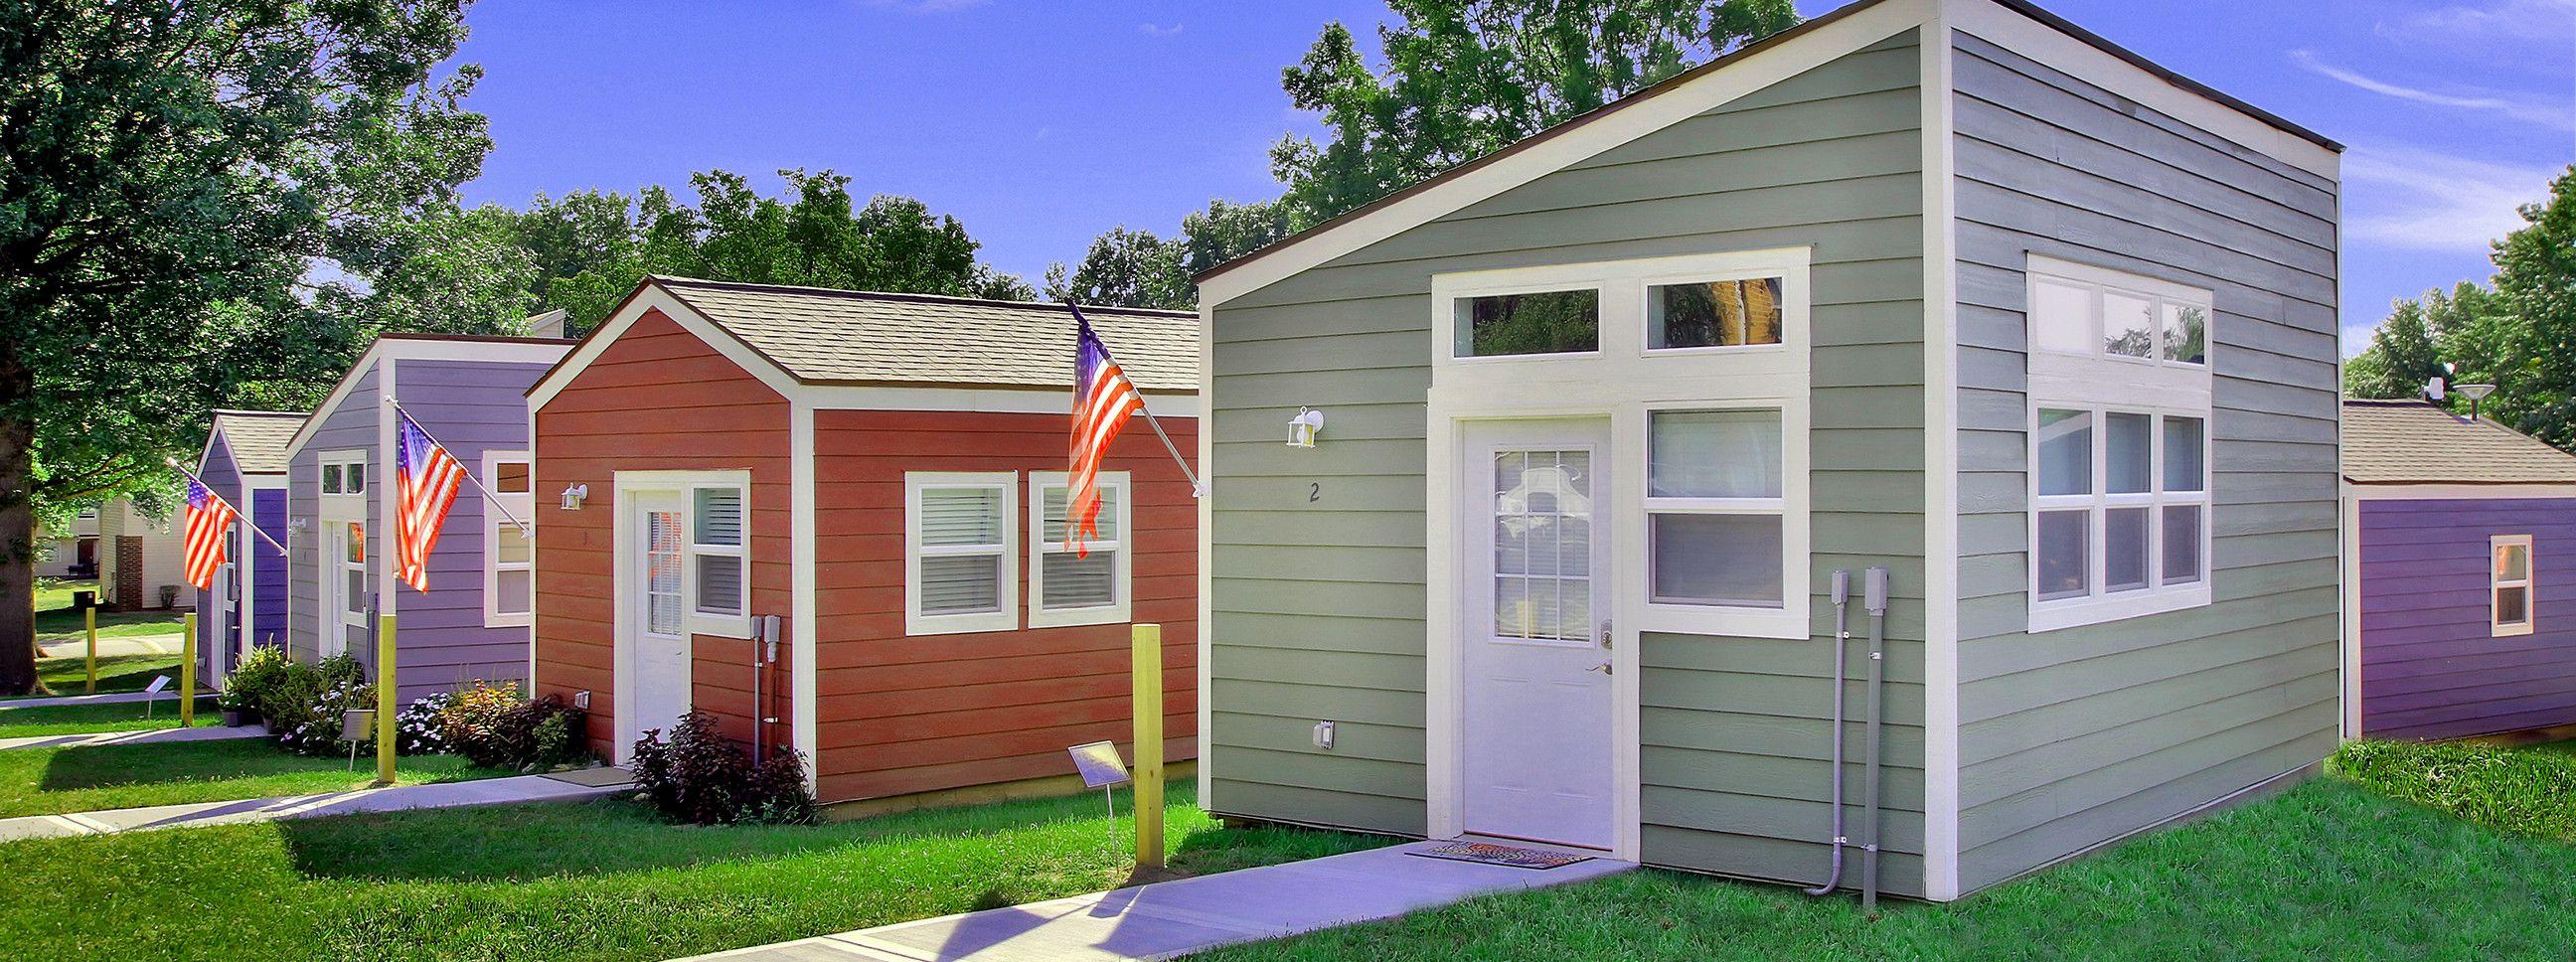 Tiny Houses For Homeless Veterans Veterans Community Project Homeless Housing Tiny House House